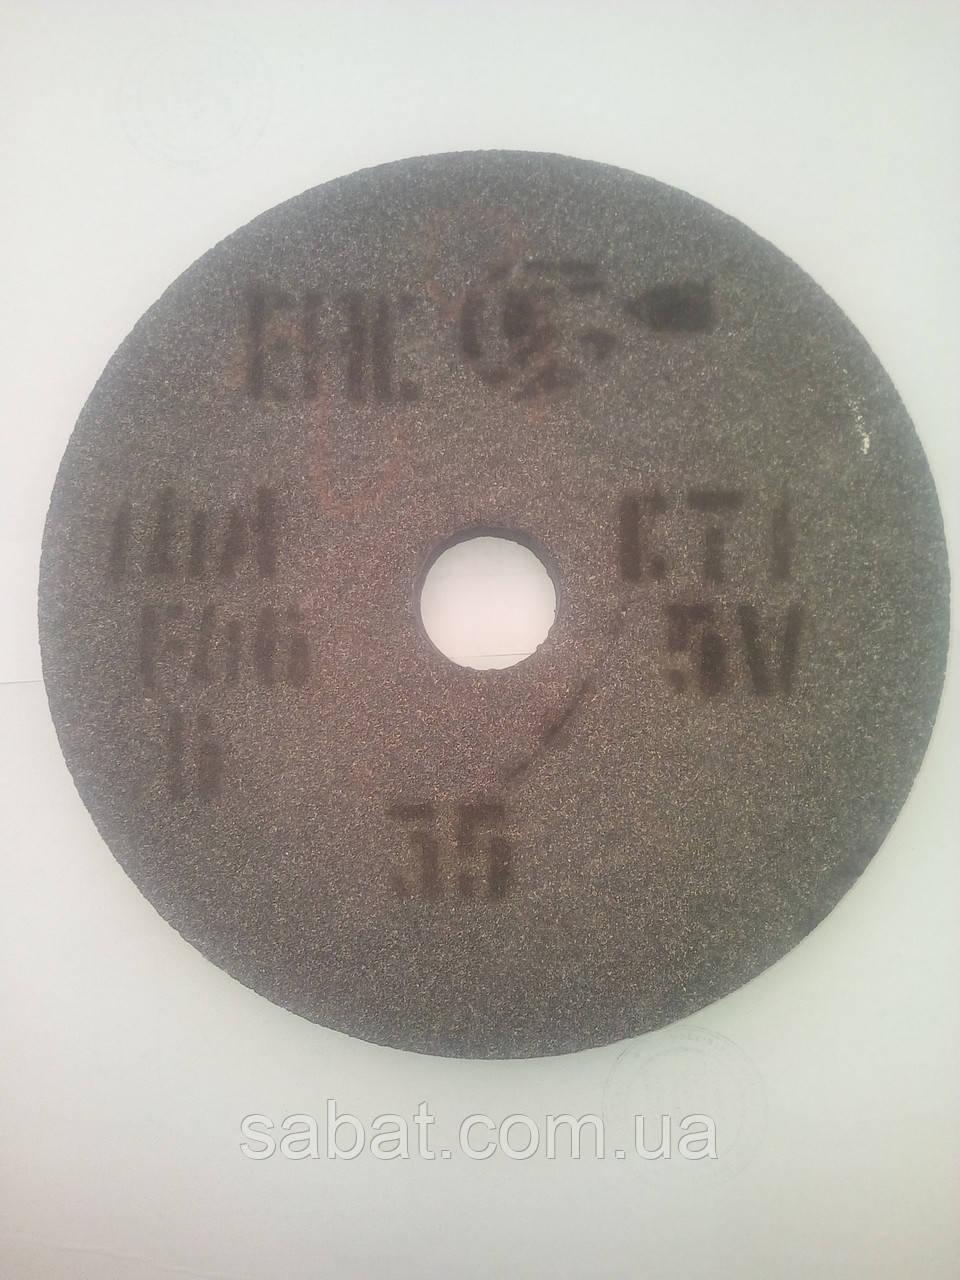 Круг шлифовальный серый 14А F 46-80 СТ-СМ 400х40х127